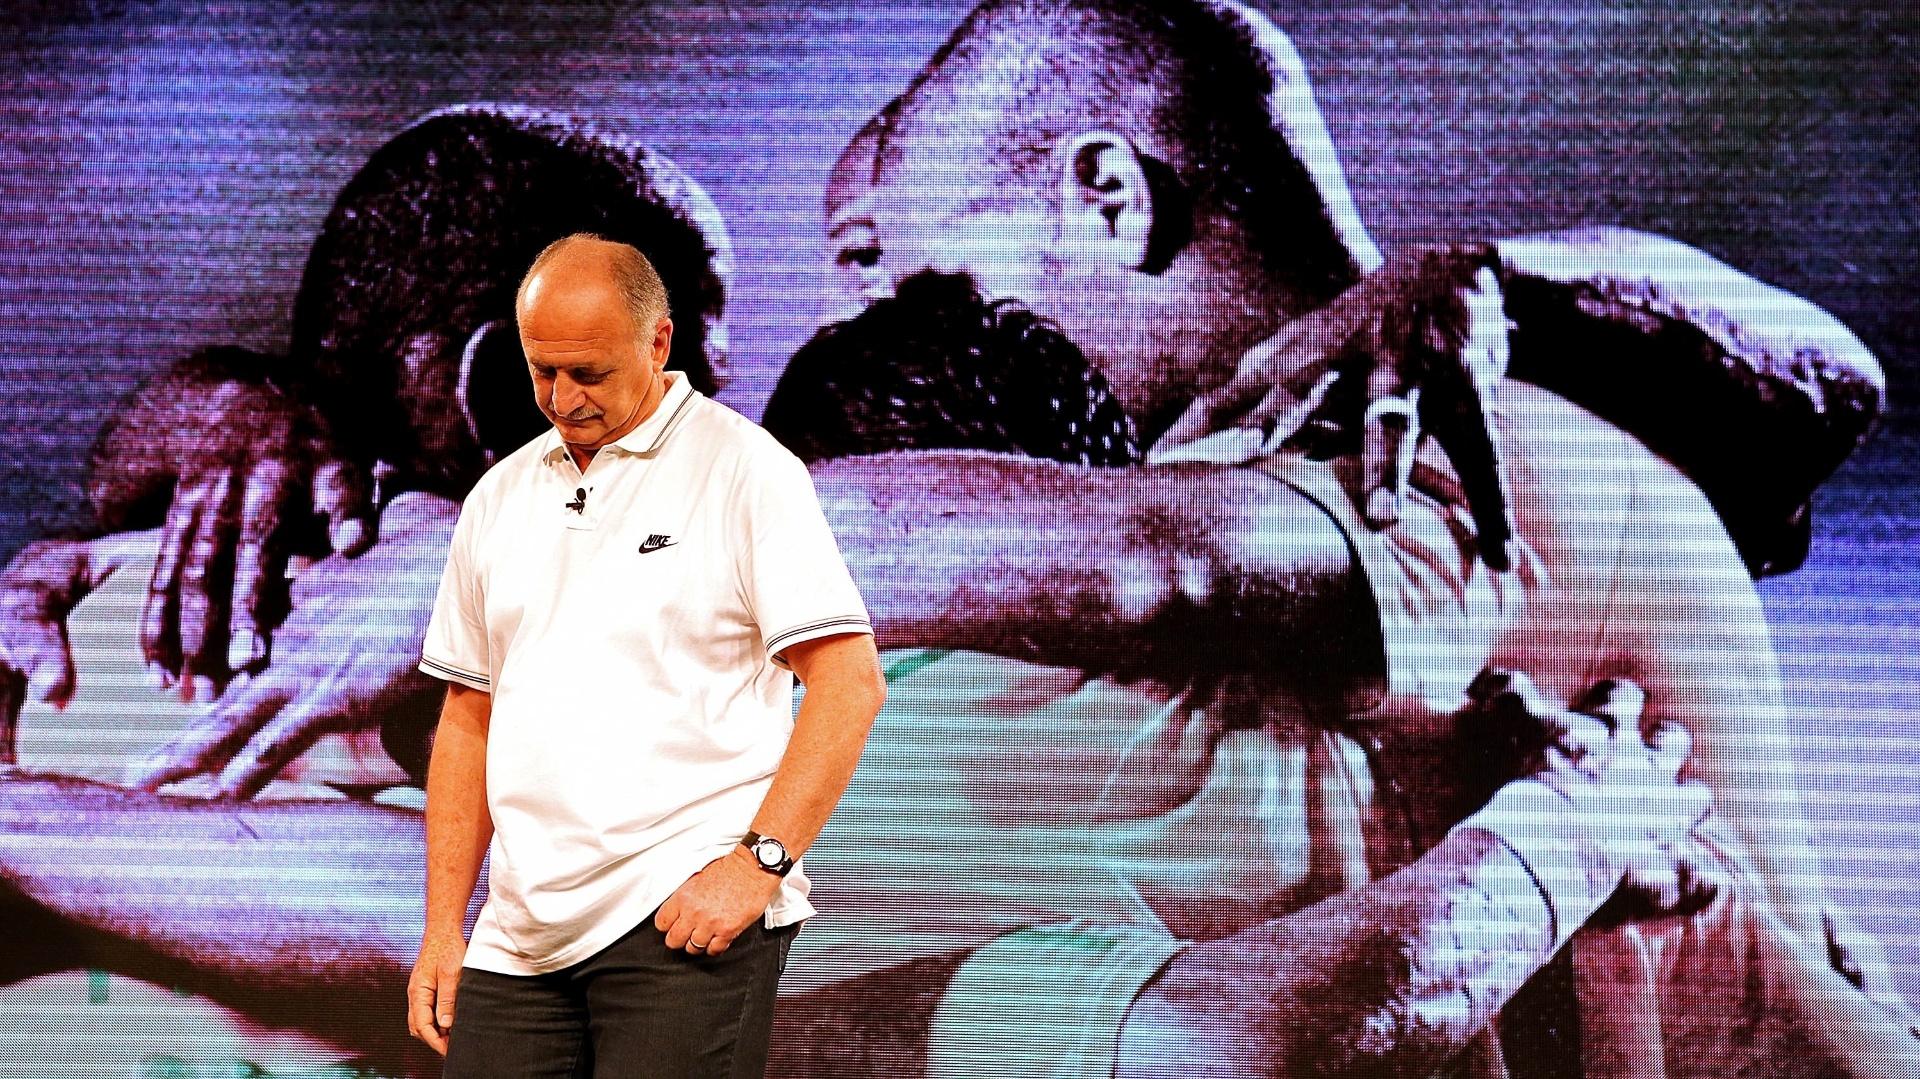 Técnico Luiz Felipe Scolari também marcou presença no evento de lançamento da nova camisa da seleção brasileira (24.nov.2013)